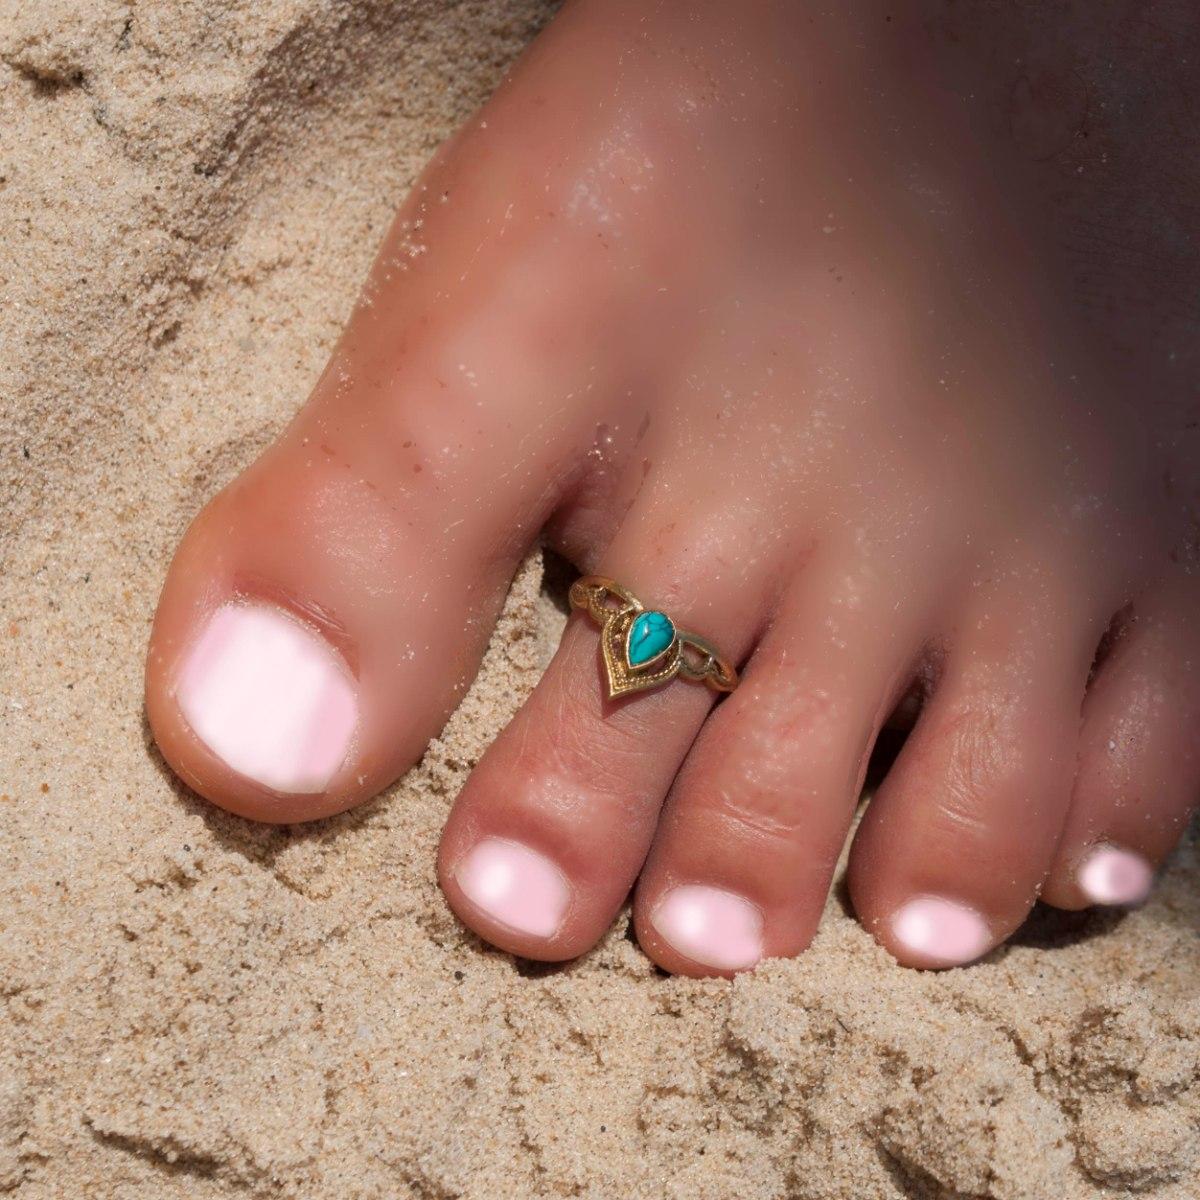 טבעת פתוחה עטרה טורקיז בראס